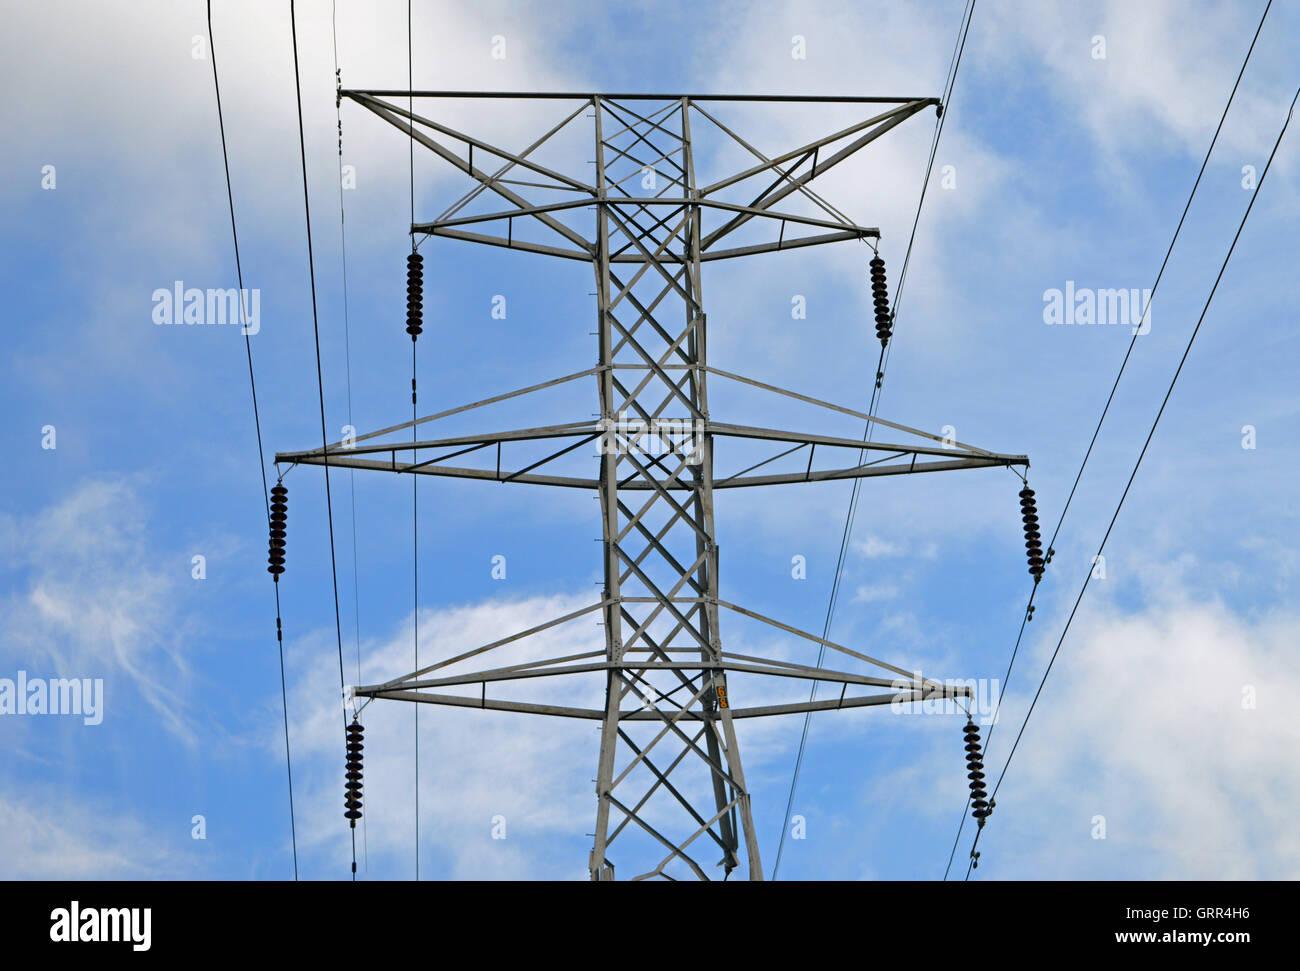 Una torre para líneas de alta tensión en Milford, Ohio, EE.UU. el 3 de junio de 2016 Imagen De Stock